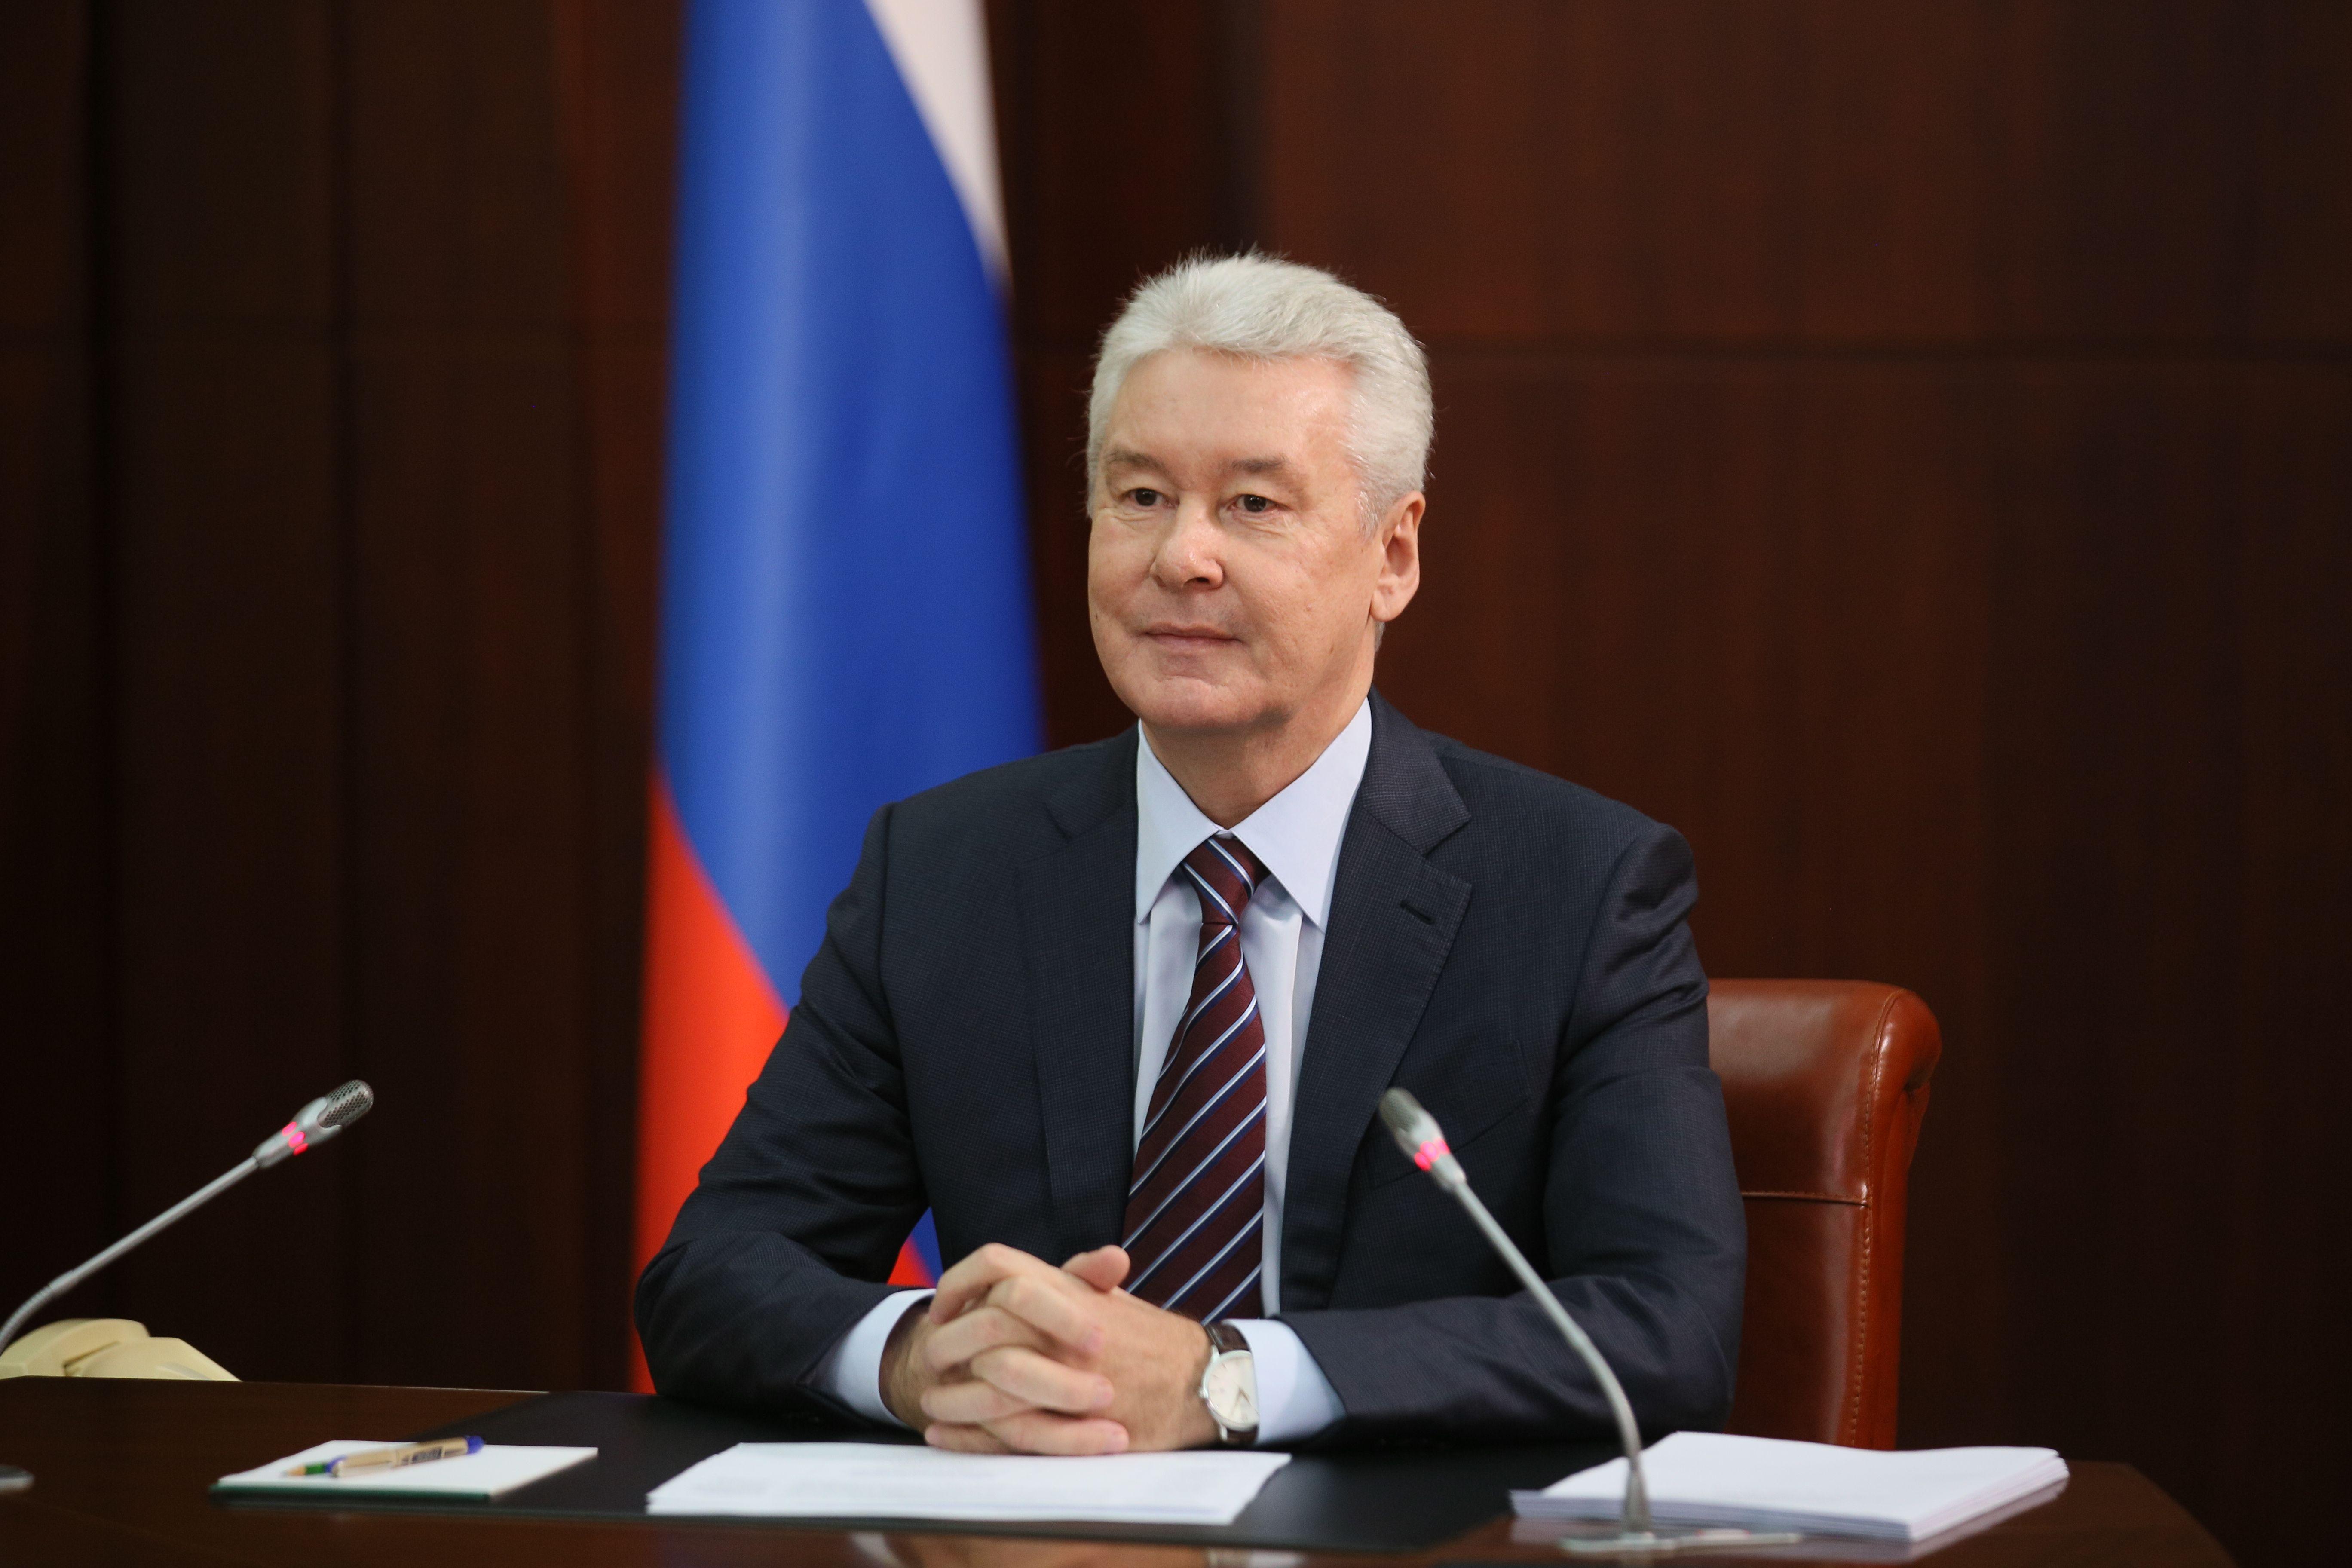 Сергей Собянин заявил о запуске 35 IT-классов за 2019 год